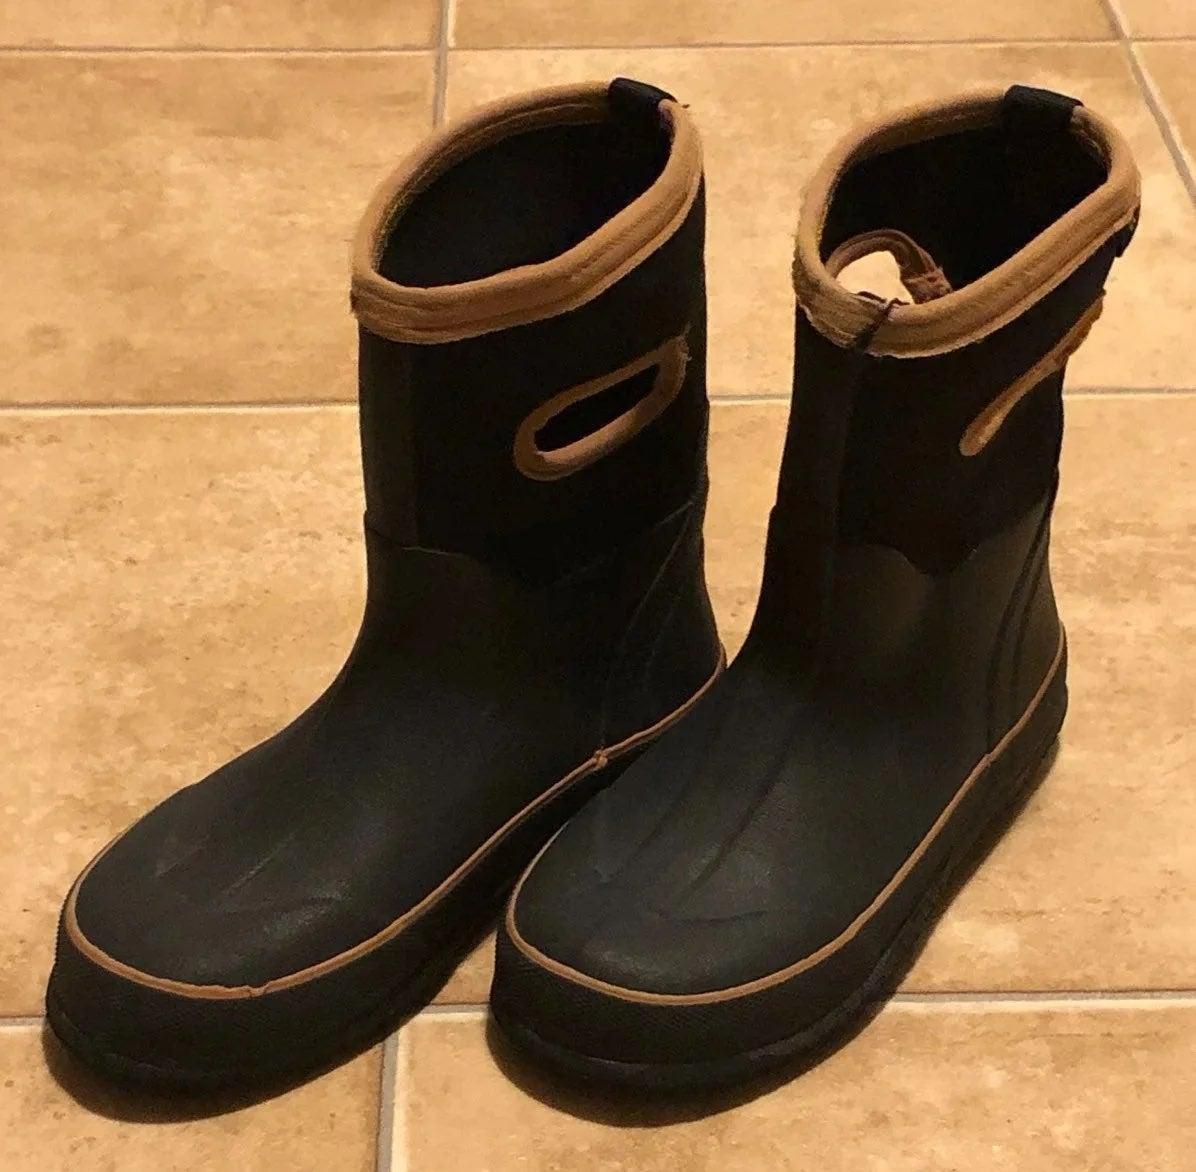 Boys waterproof/winter boots